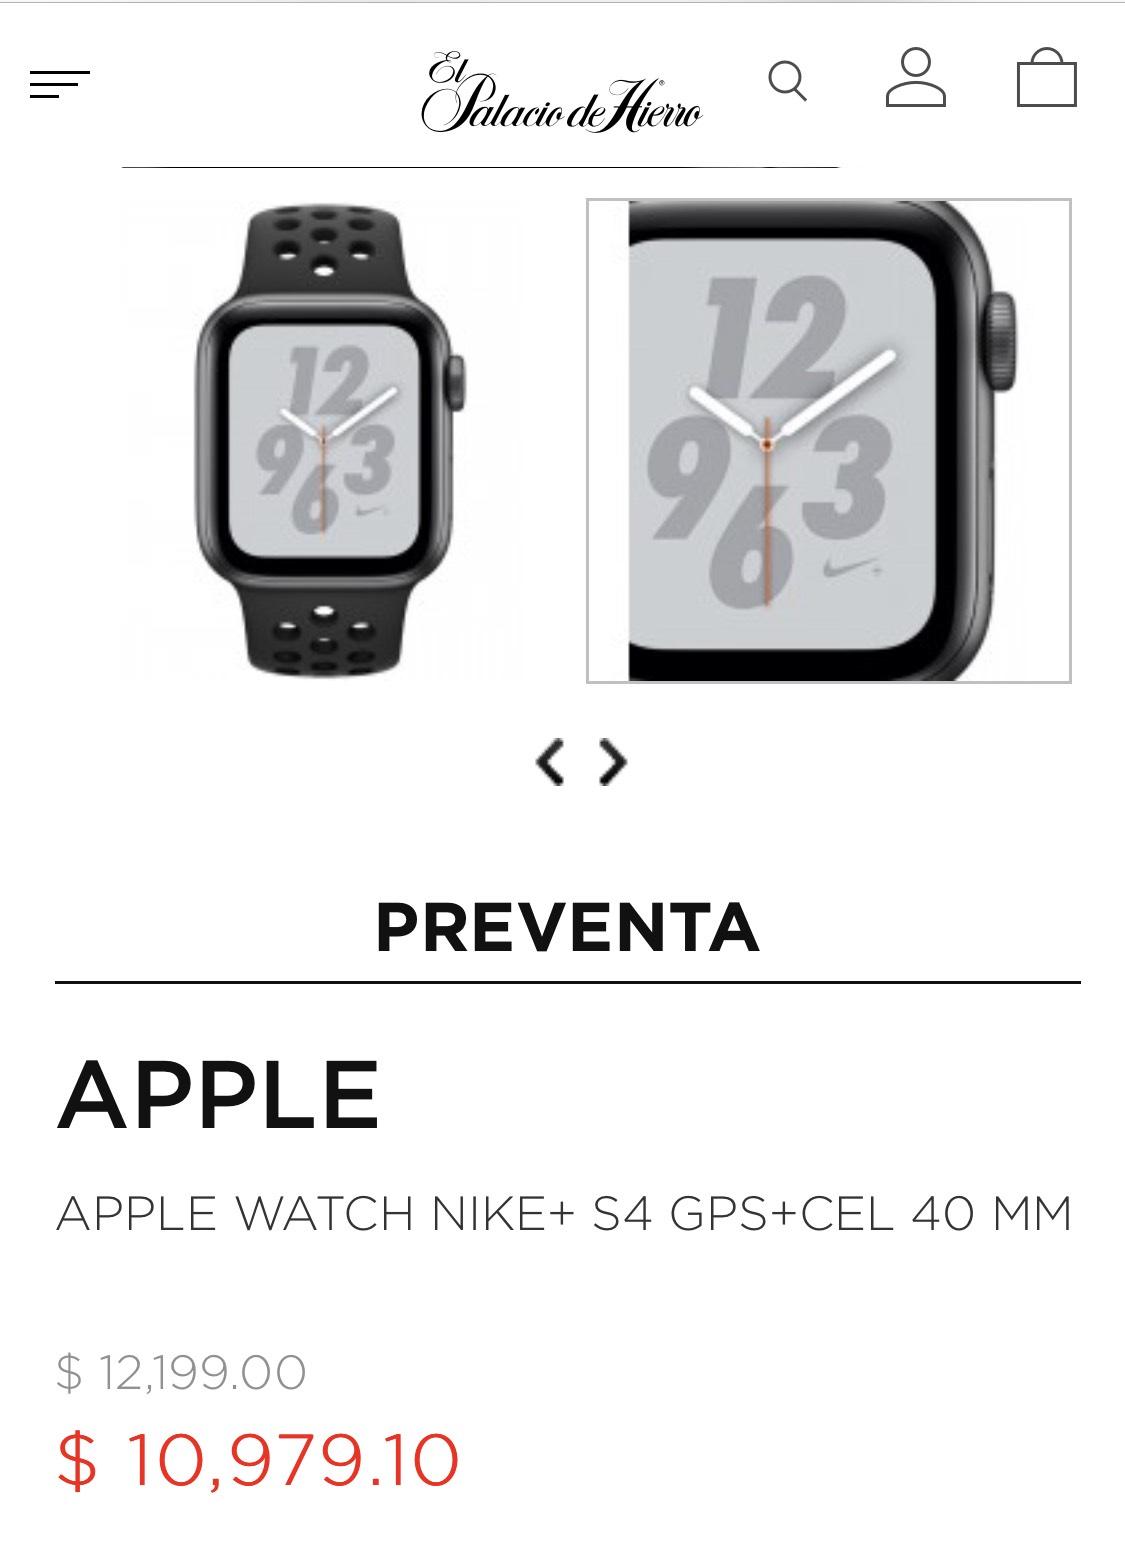 Palacio de Hierro: Apple Watch Series 4